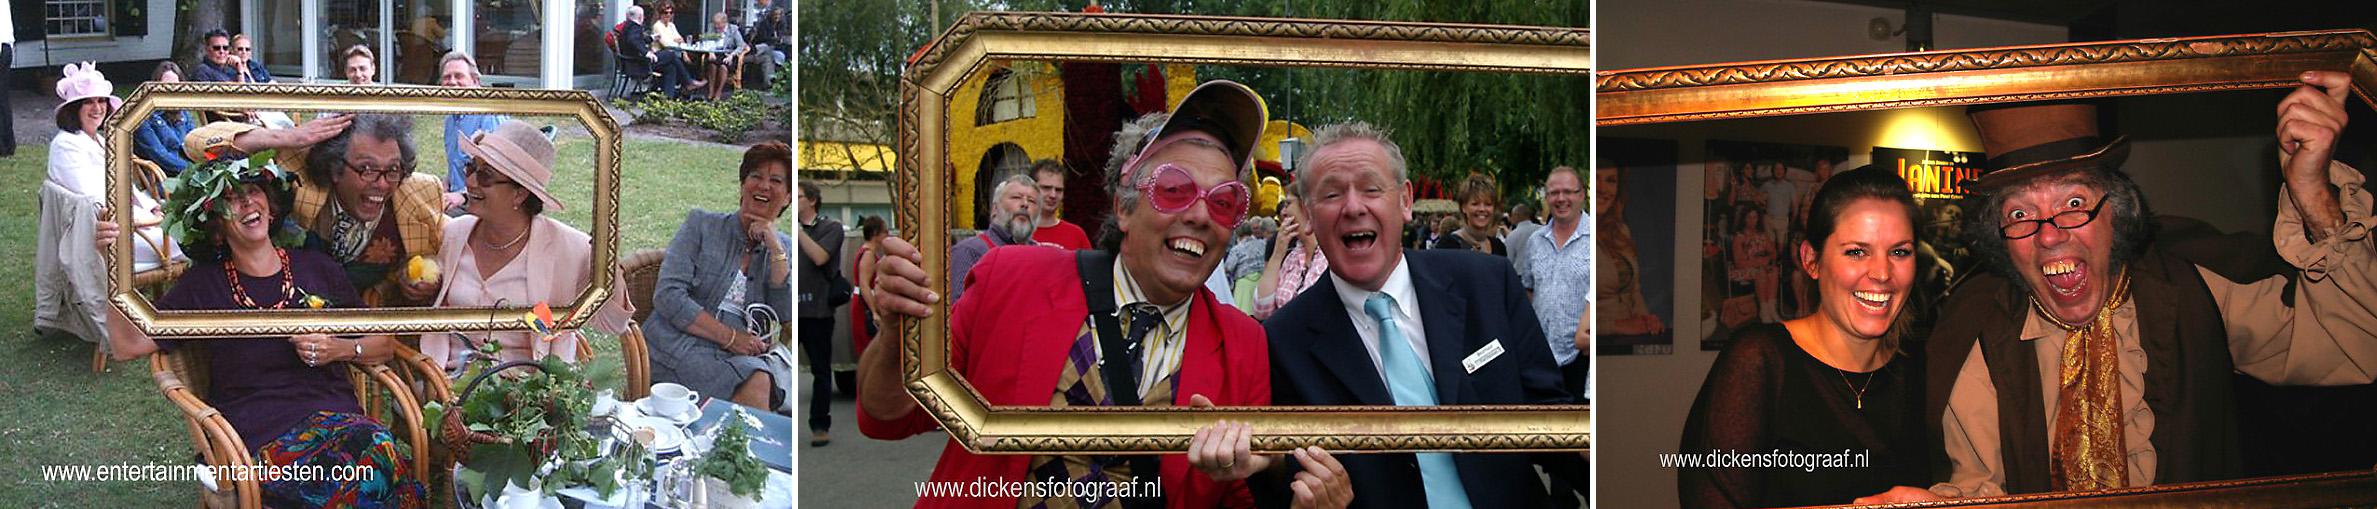 Entree Act Ontvangstanimatie, Freek Flits is een erg druk baasje. Hij heeft zich als professioneel fotograaf toegelegd op portretfotografie. Om de kosten te drukken brengt hij zijn eigen schilderijlijst mee, fotografie op feest, artiesten inhuren, acteur boeken, Govers Evenementen, www.goversartiesten.nl